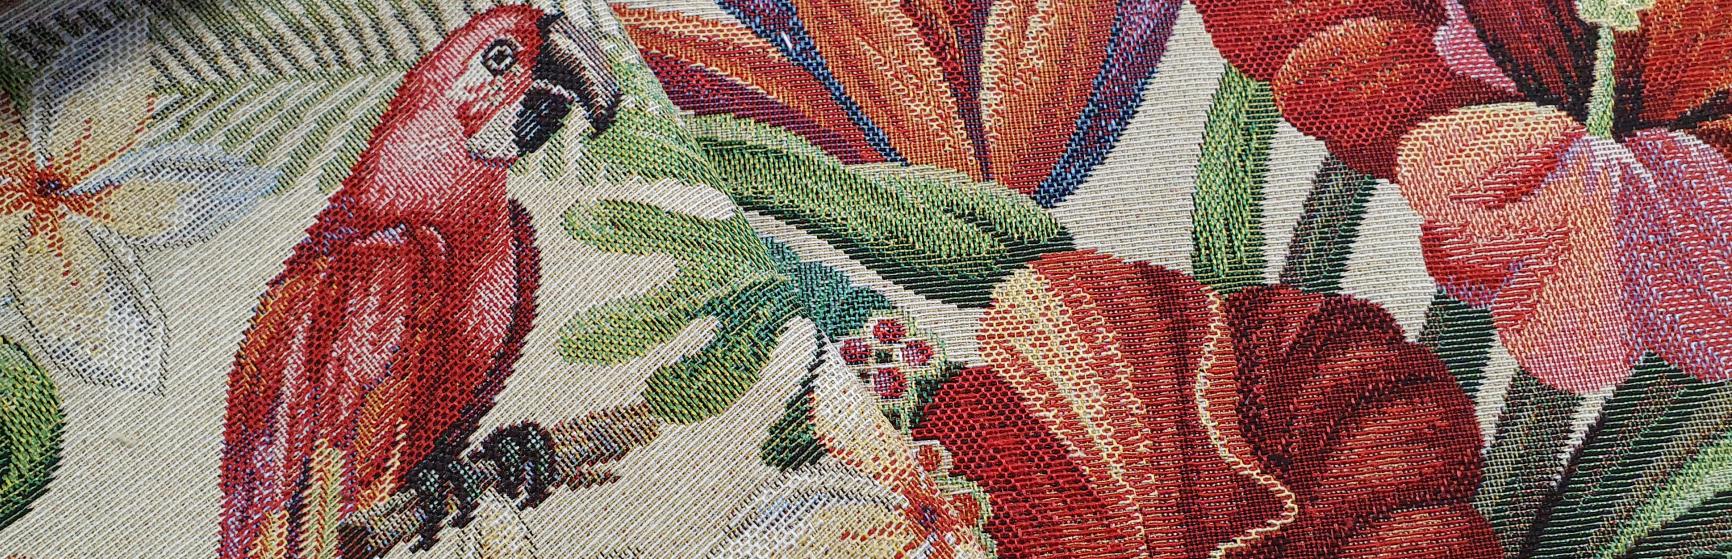 Kolekcja tkanin dekoracyjnych - Parin - NL